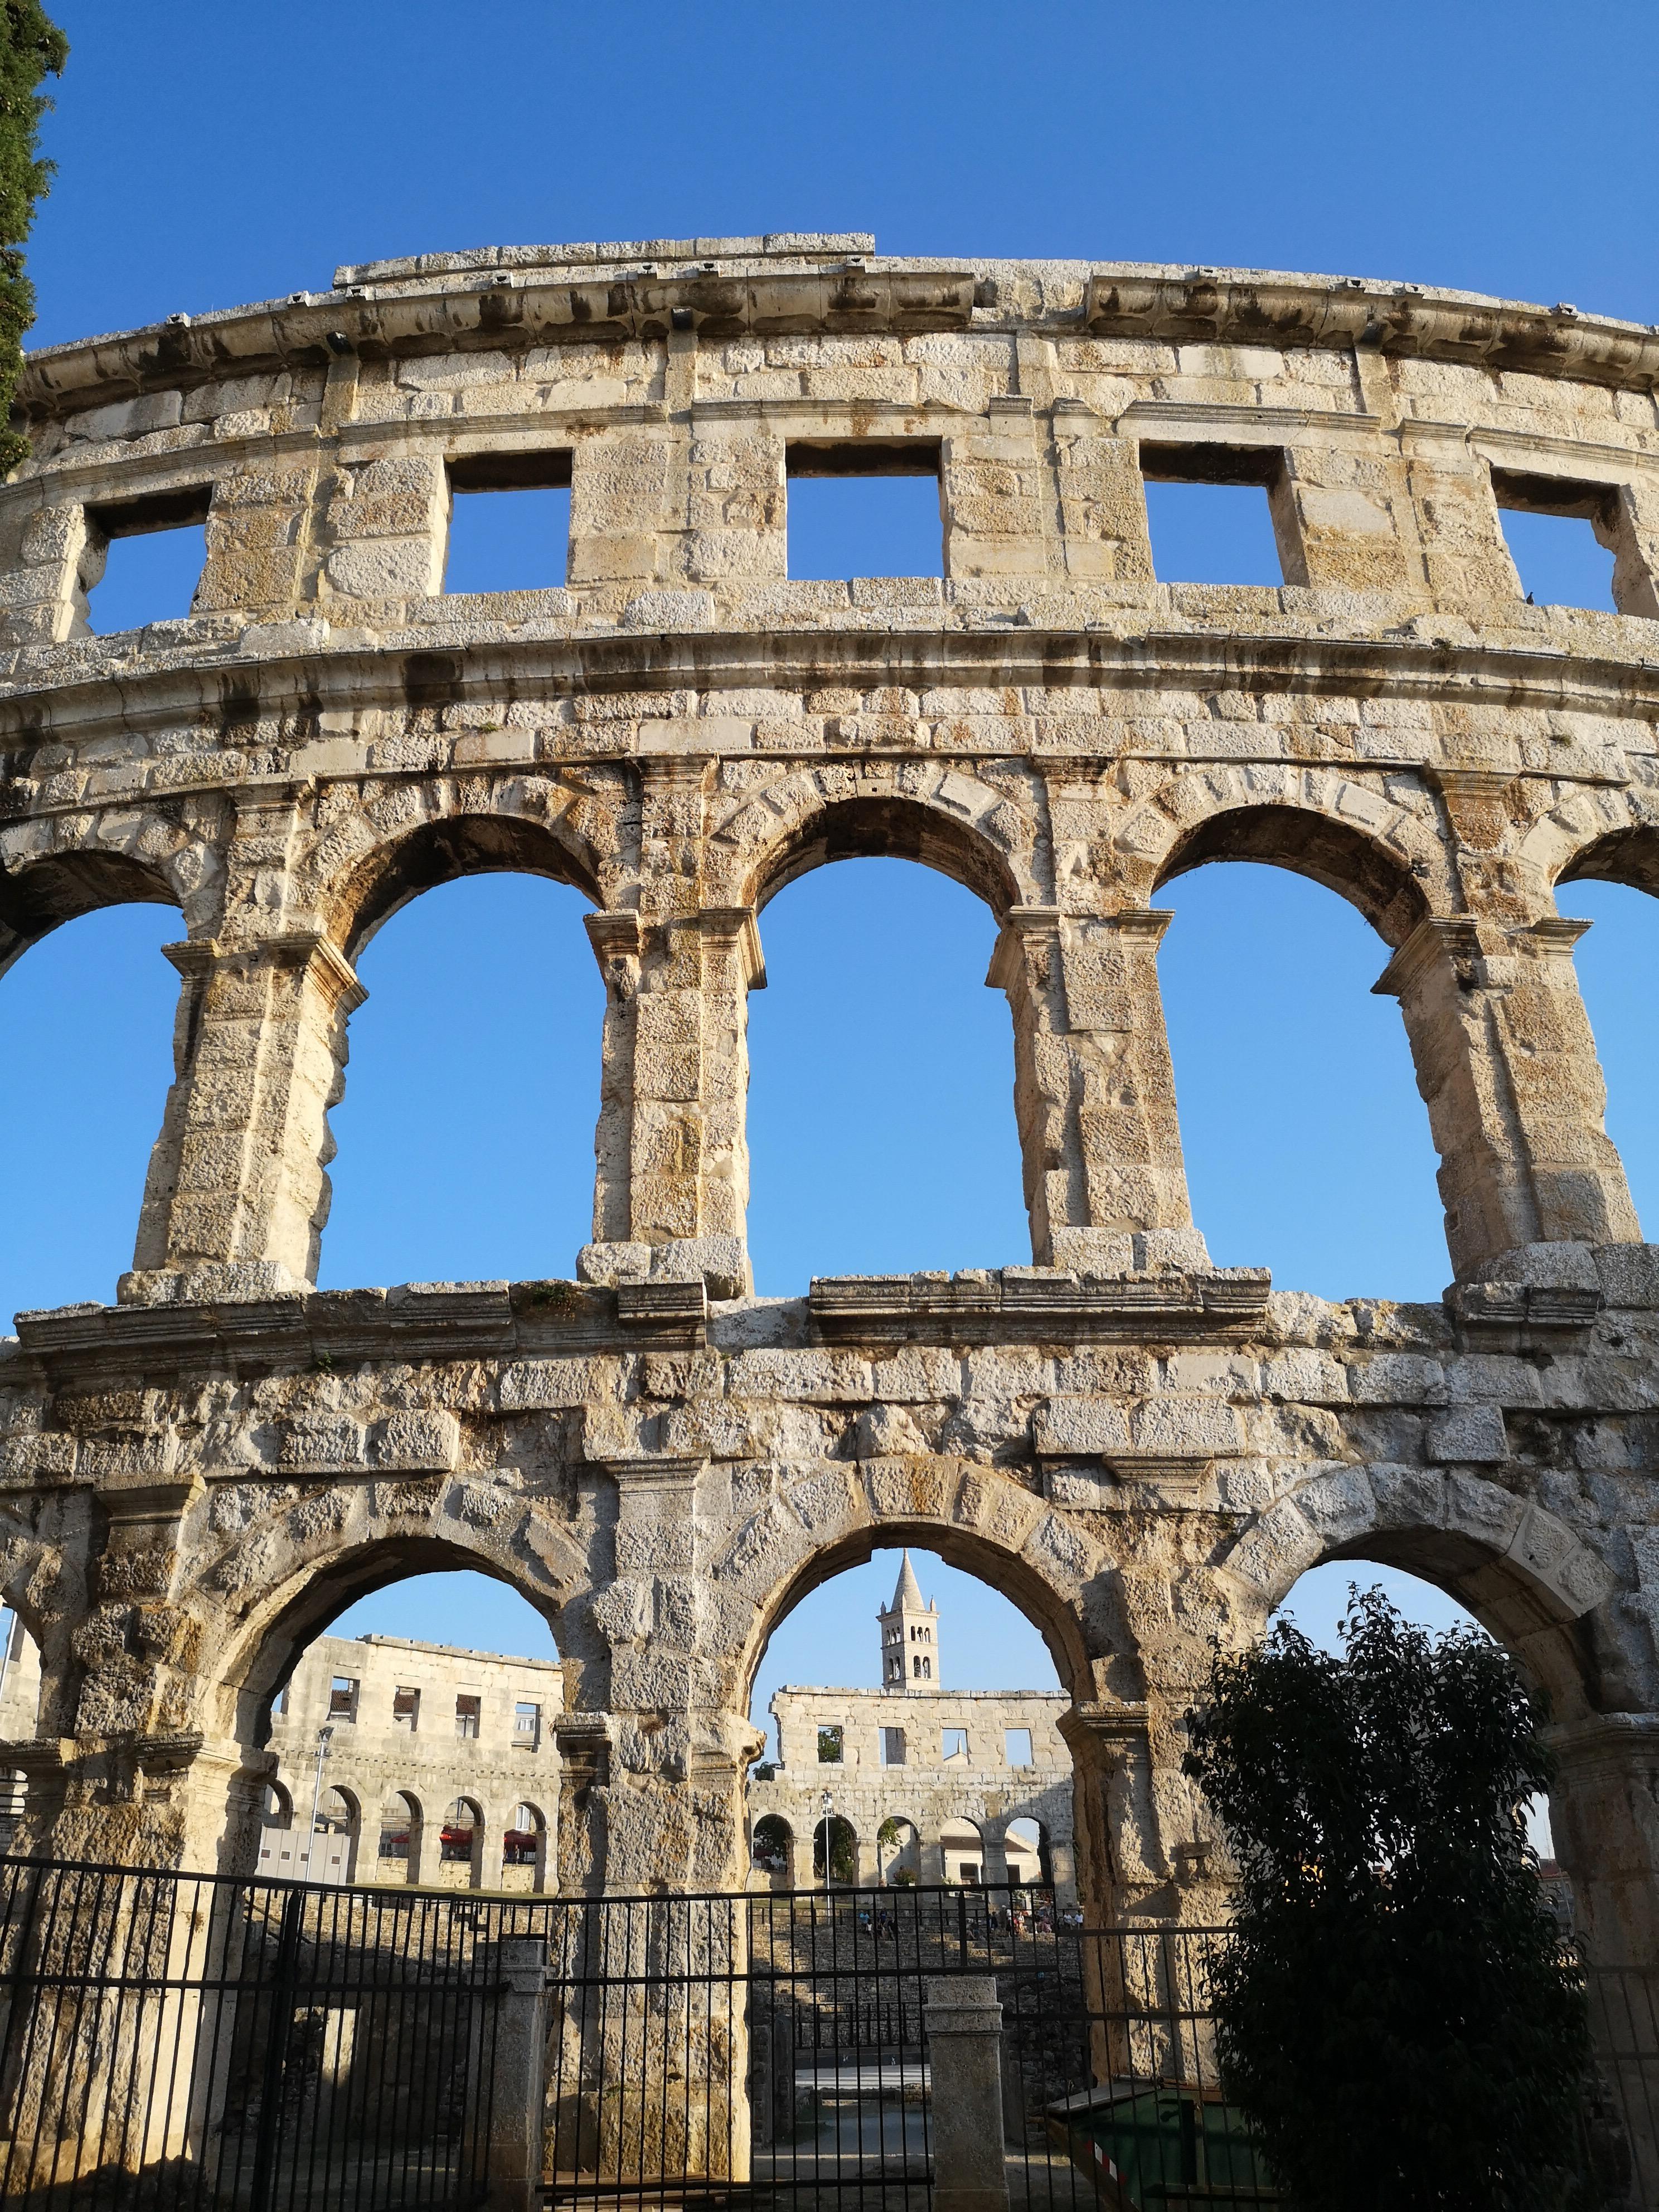 widzisz tych gladiatorów?